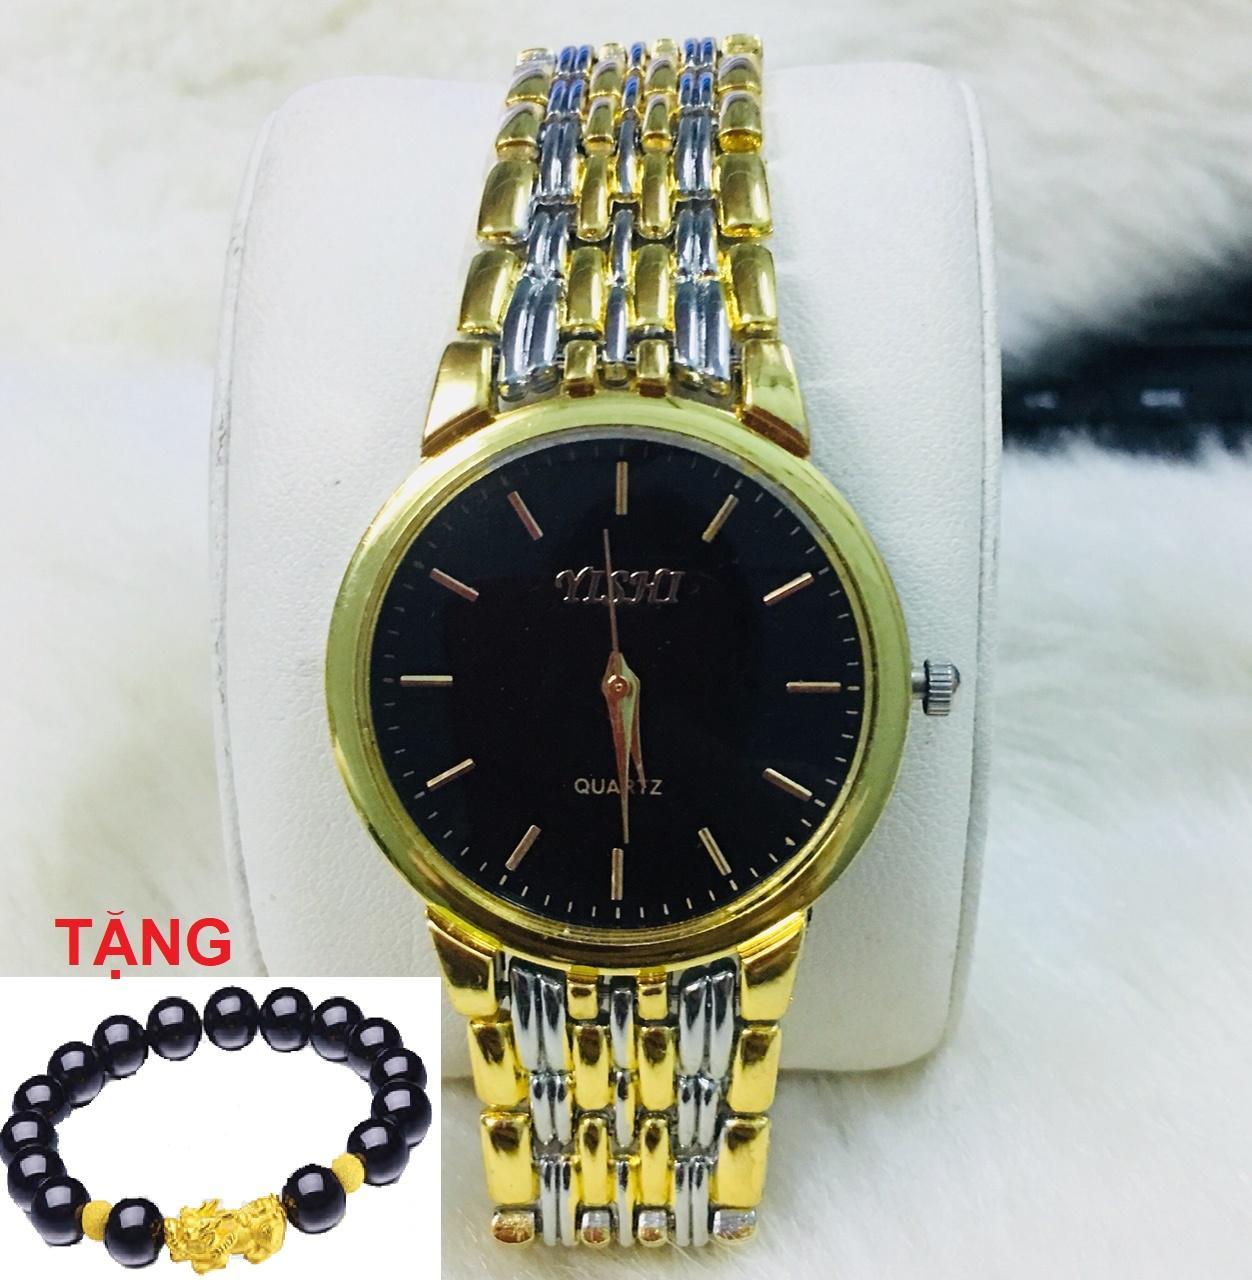 Nơi bán Đồng hồ nam dây kim loại Yishi mẫu NEW TẶNG vòng tỳ hưu may mắn (mặt trắng/mặt đen)